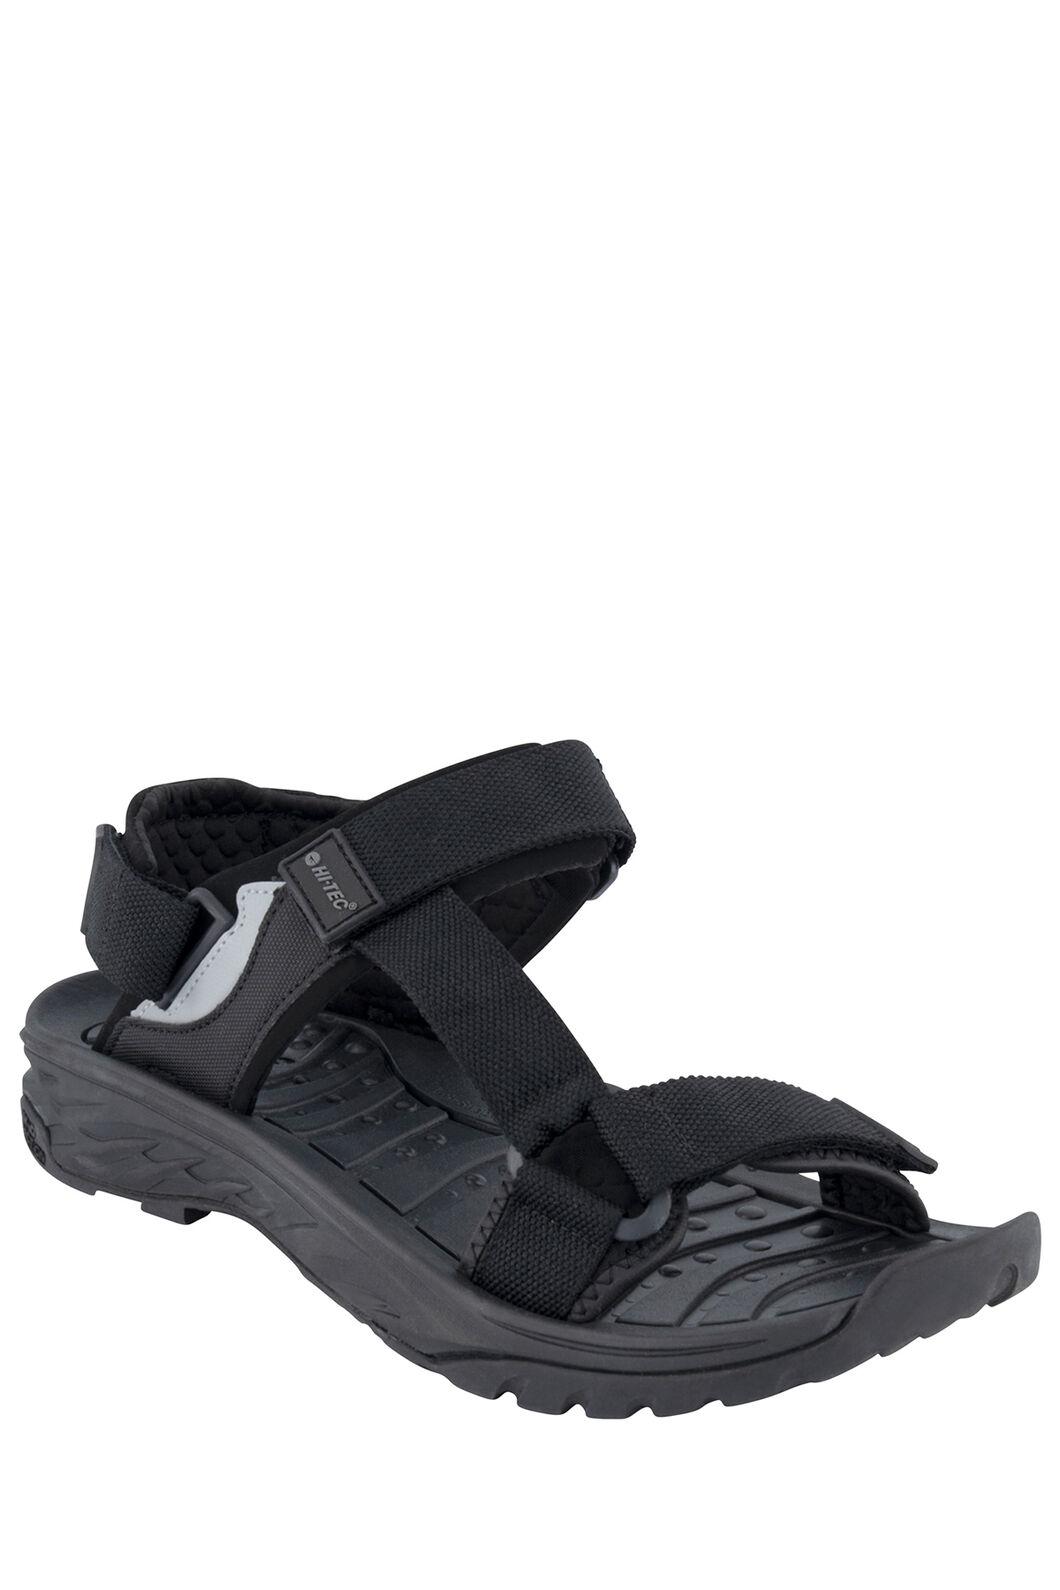 Hi-Tec Ula Raft Sandals Men's, Black, hi-res